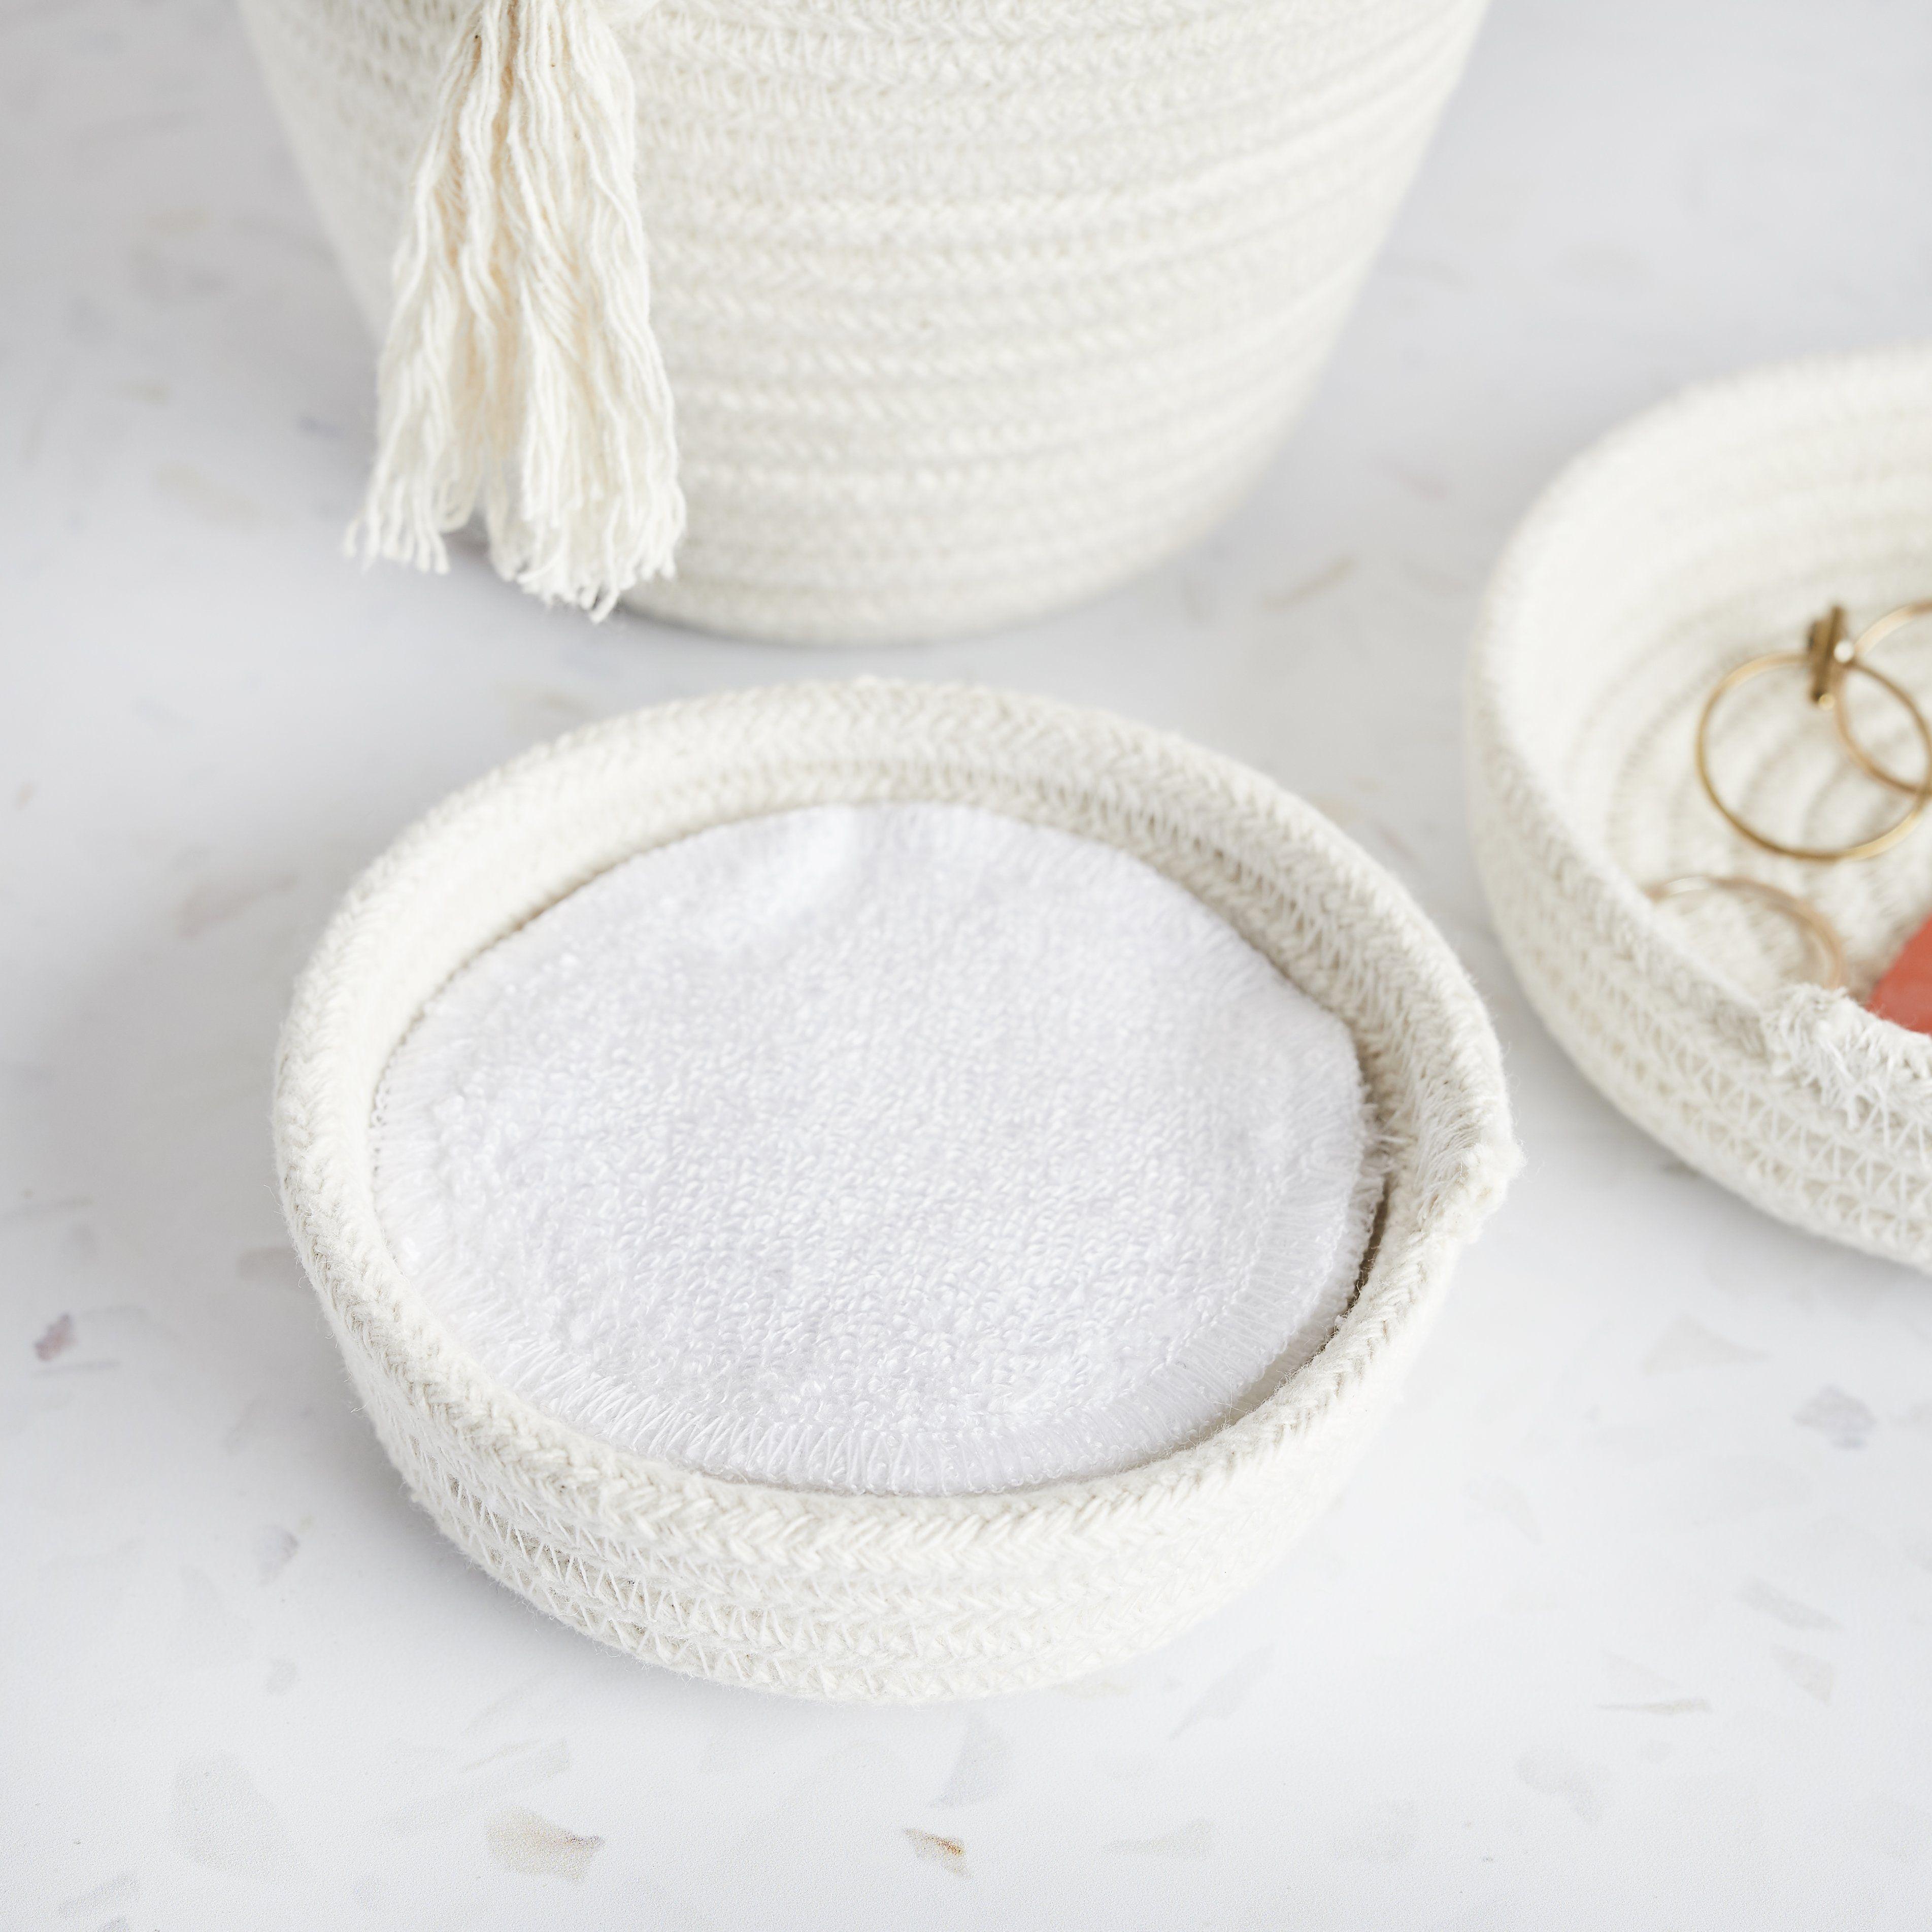 Kleine EcoTwist Bowl aus Baumwolle – Plus-Set mit 5 Make-up-Runden